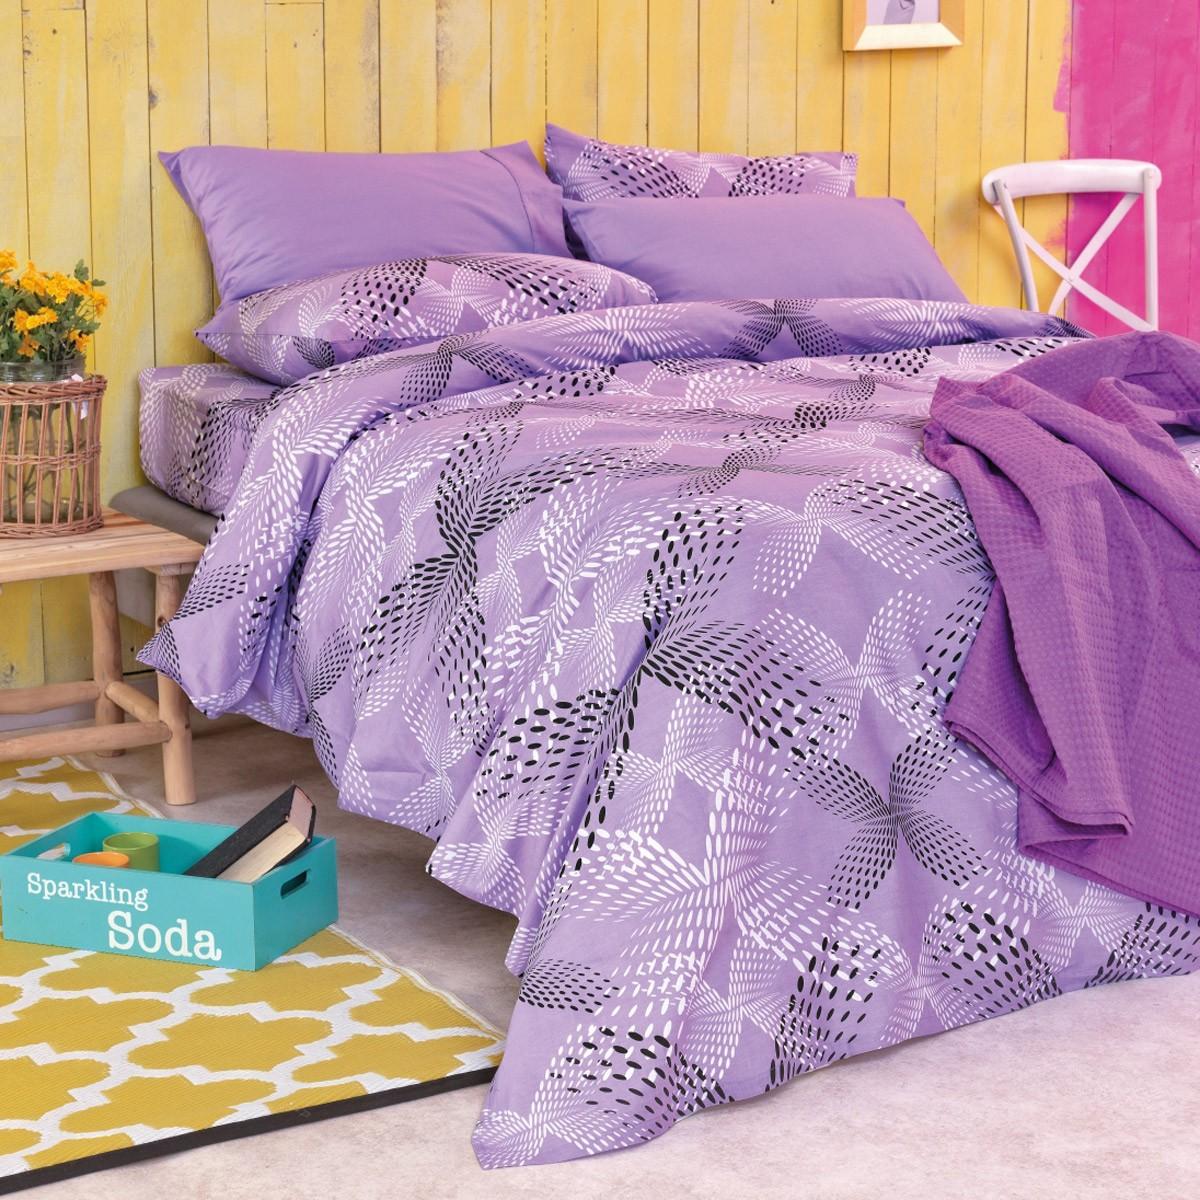 Ζεύγος Μαξιλαροθήκες Palamaiki Coordinabile 2024 home   κρεβατοκάμαρα   μαξιλάρια   μαξιλαροθήκες